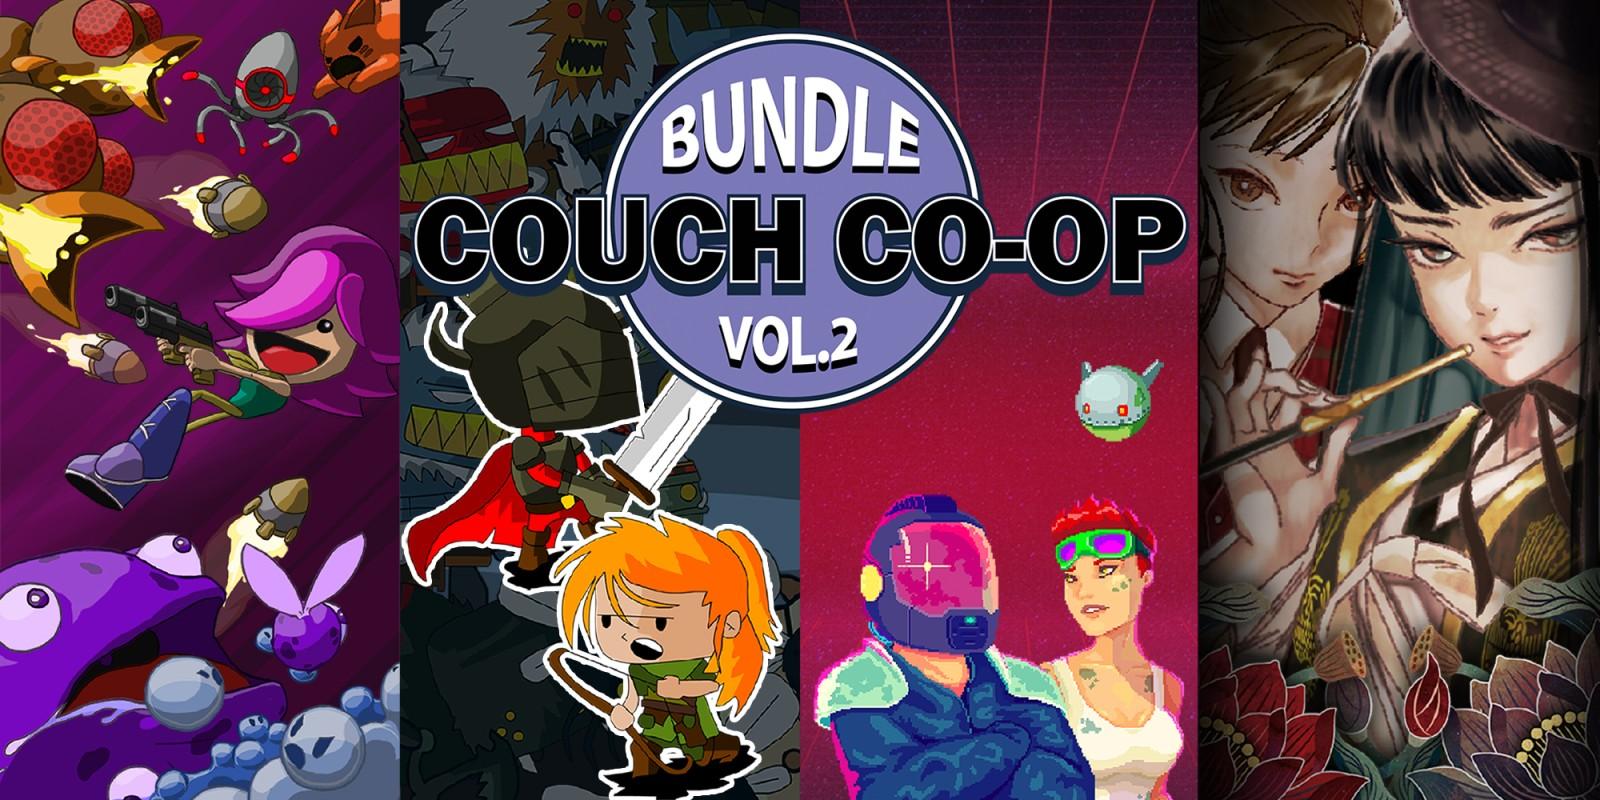 Couch Co-Op Bundle Vol. 2